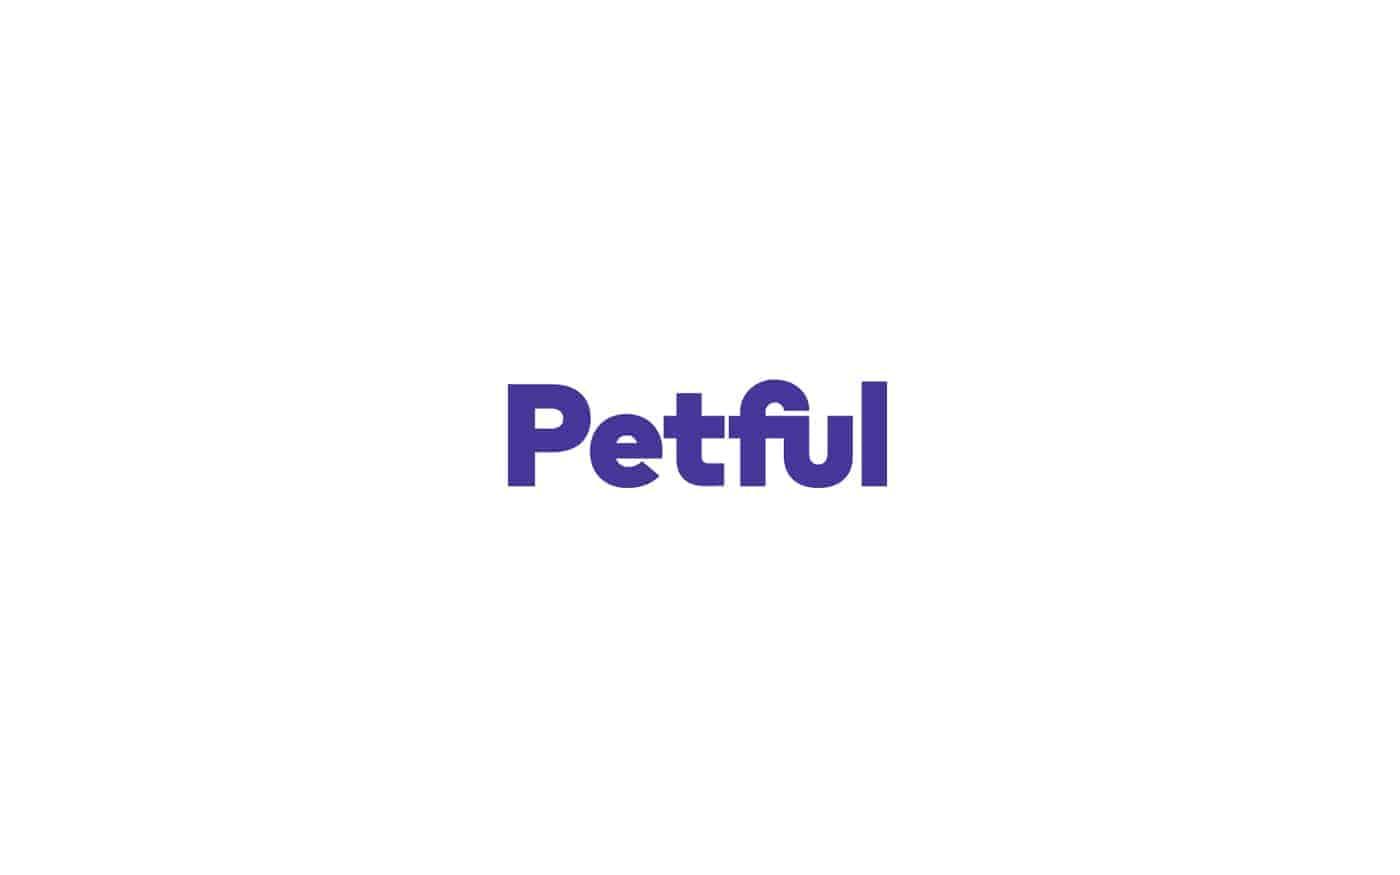 Petful